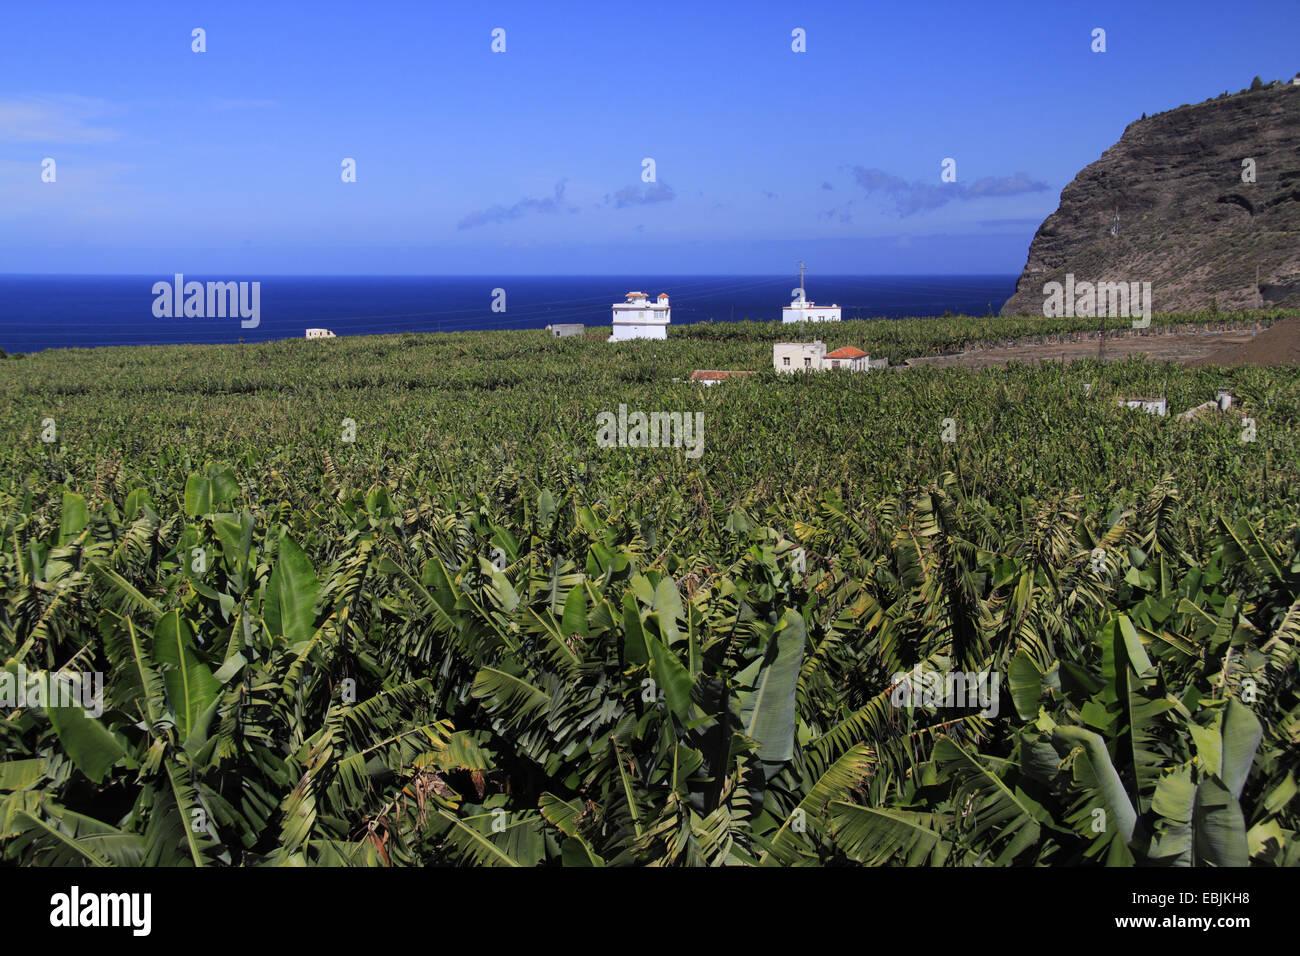 view onto banana plantation and the sea , Canary Islands, La Palma, Tazacorte - Stock Image